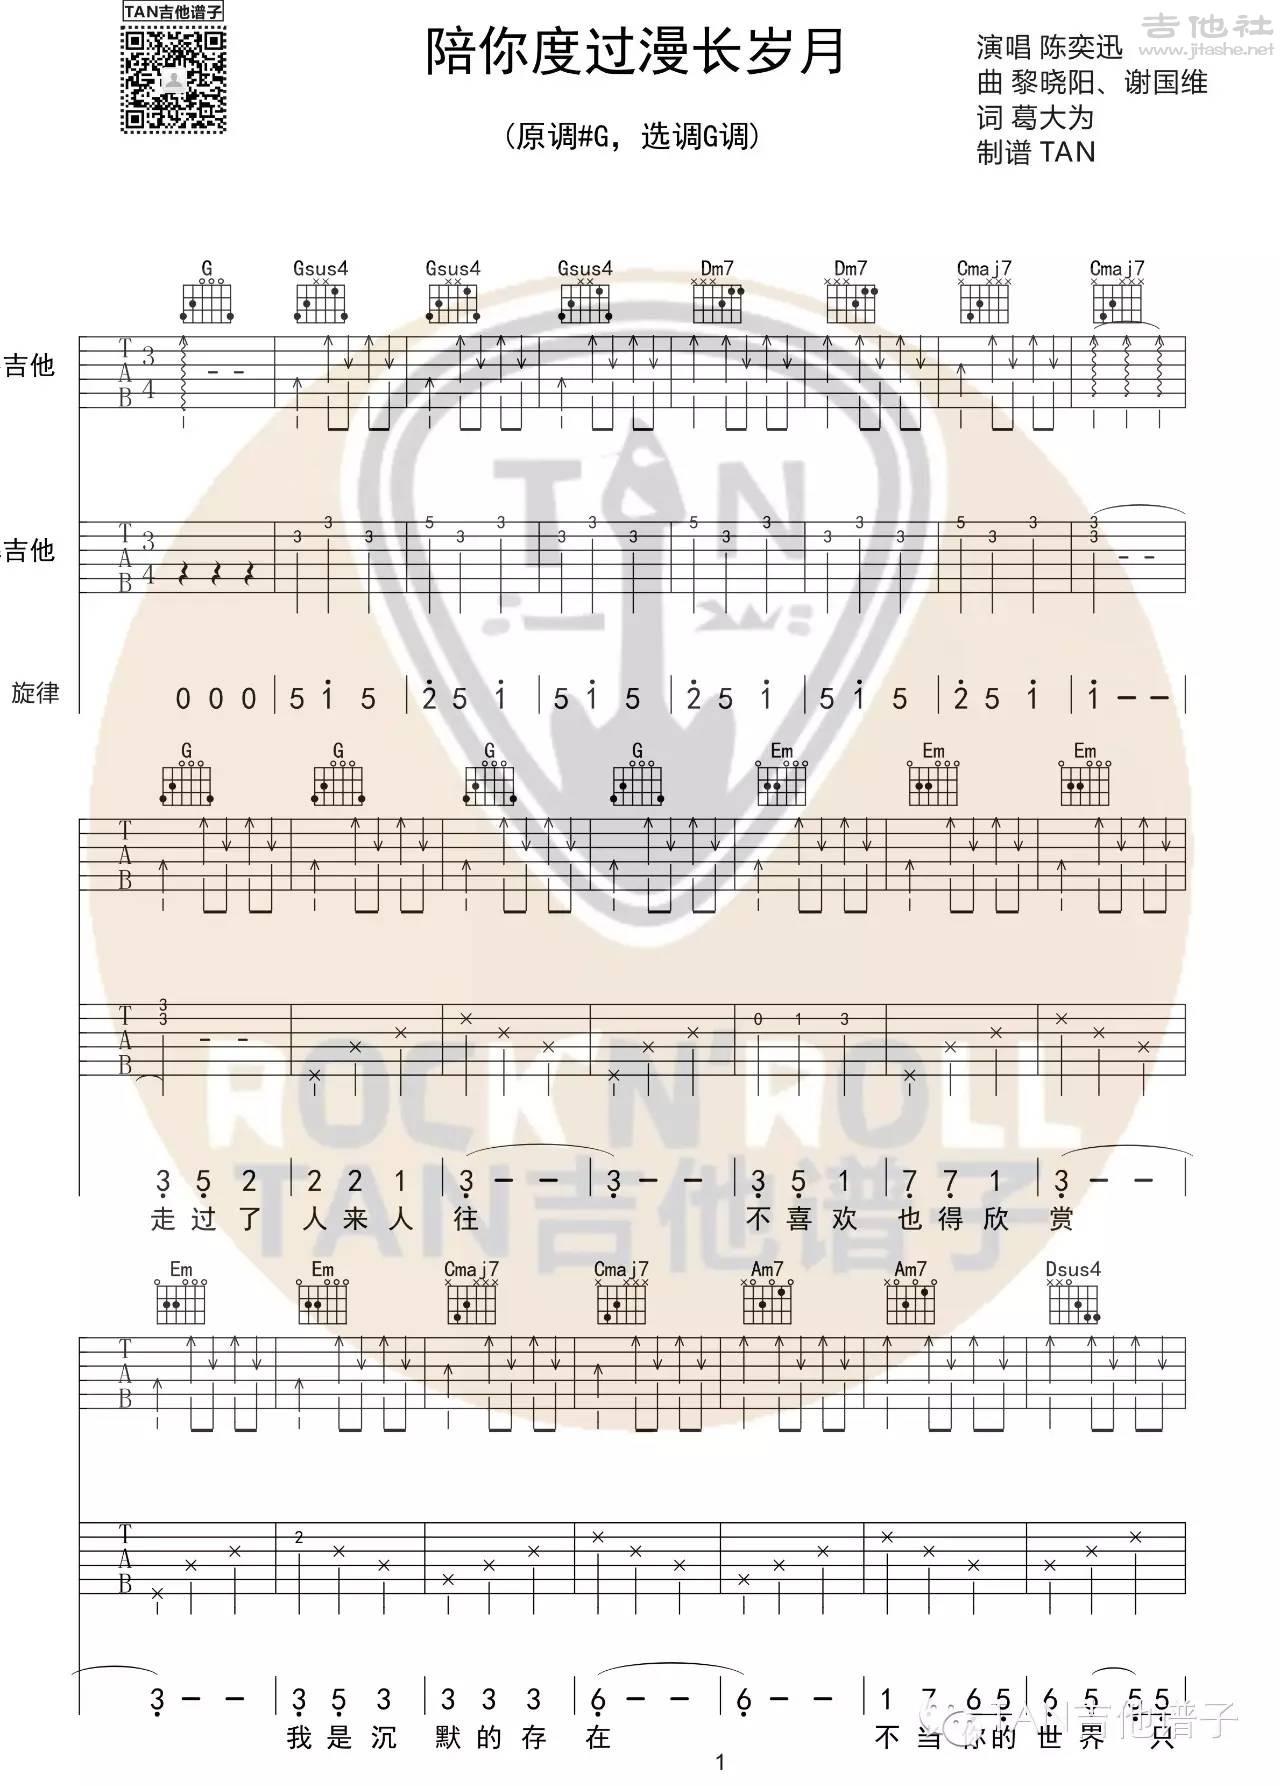 陪你度过漫长岁月(Sleep Alone)吉他谱(图片谱,弹唱)_陈奕迅(Eason Chan)_1.jpg